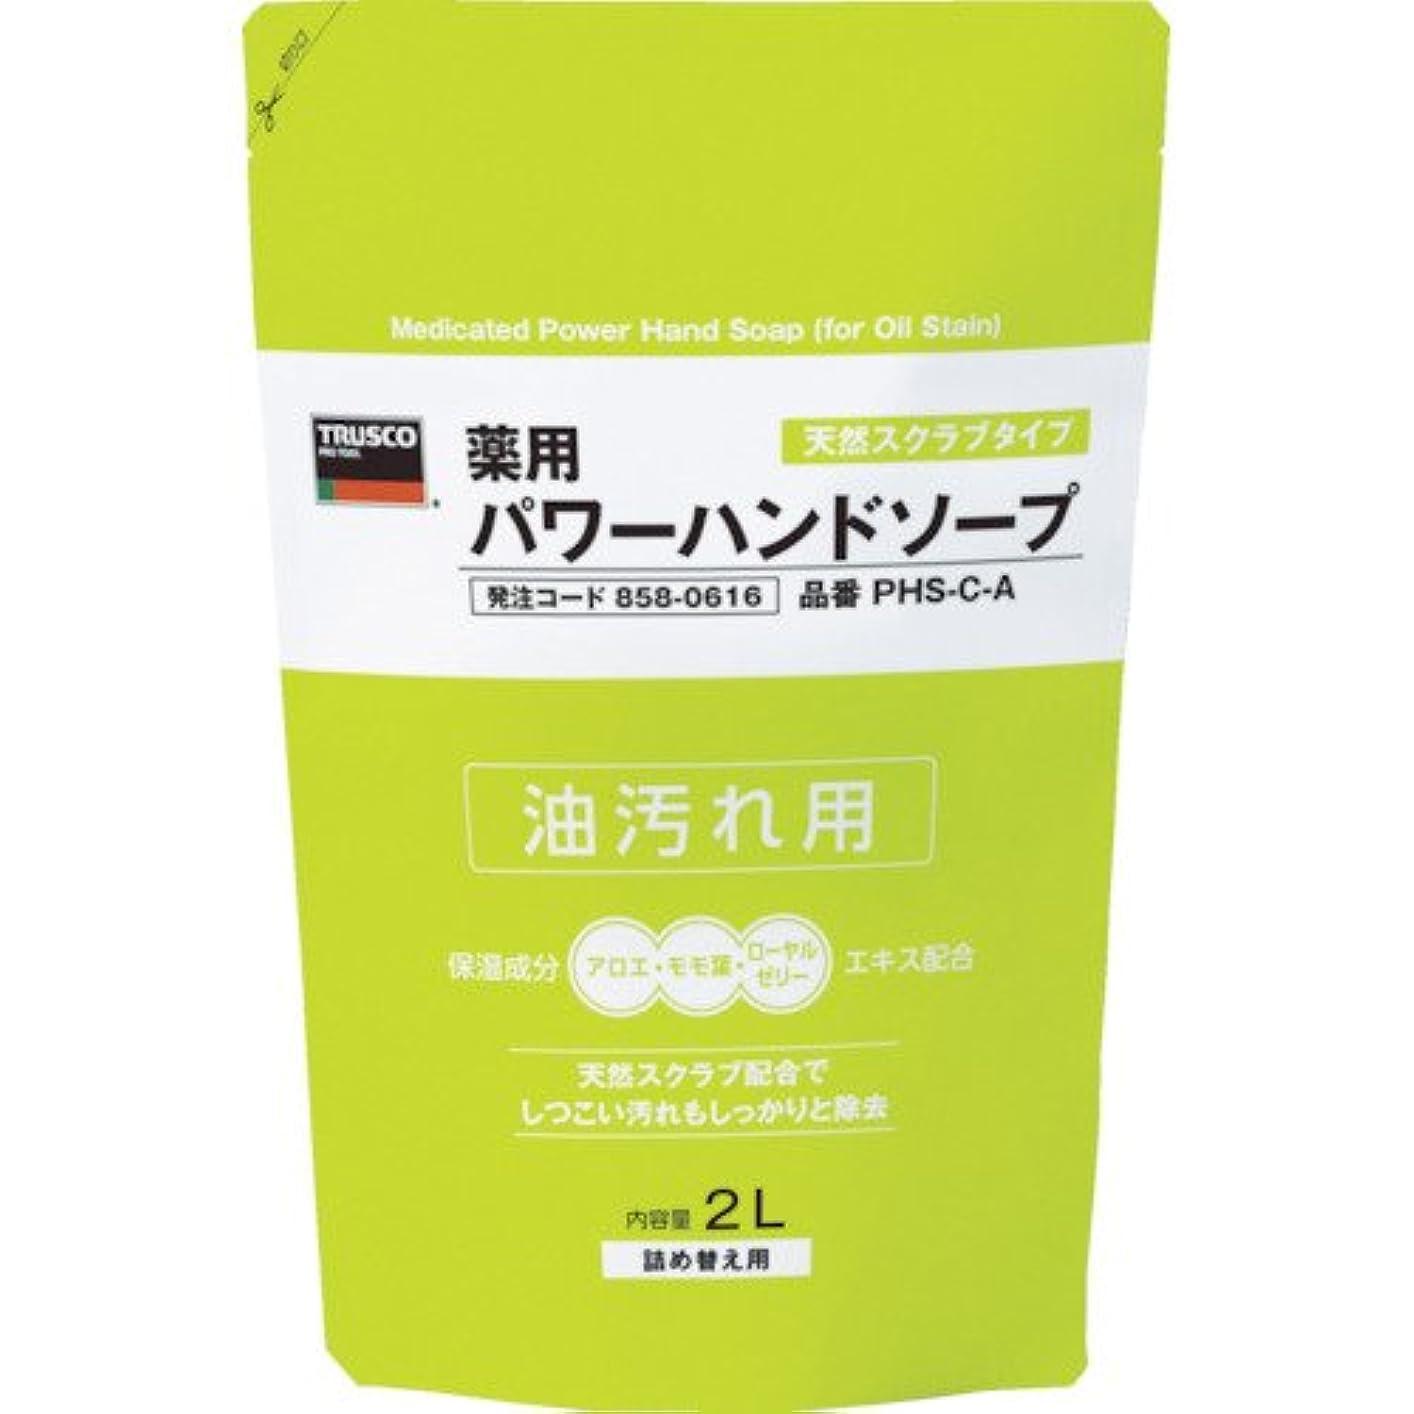 スーパーマーケットハブ重くするトラスコ中山 株 TRUSCO 薬用パワーハンドソープ 詰替パック 2.0L PHS-C-A